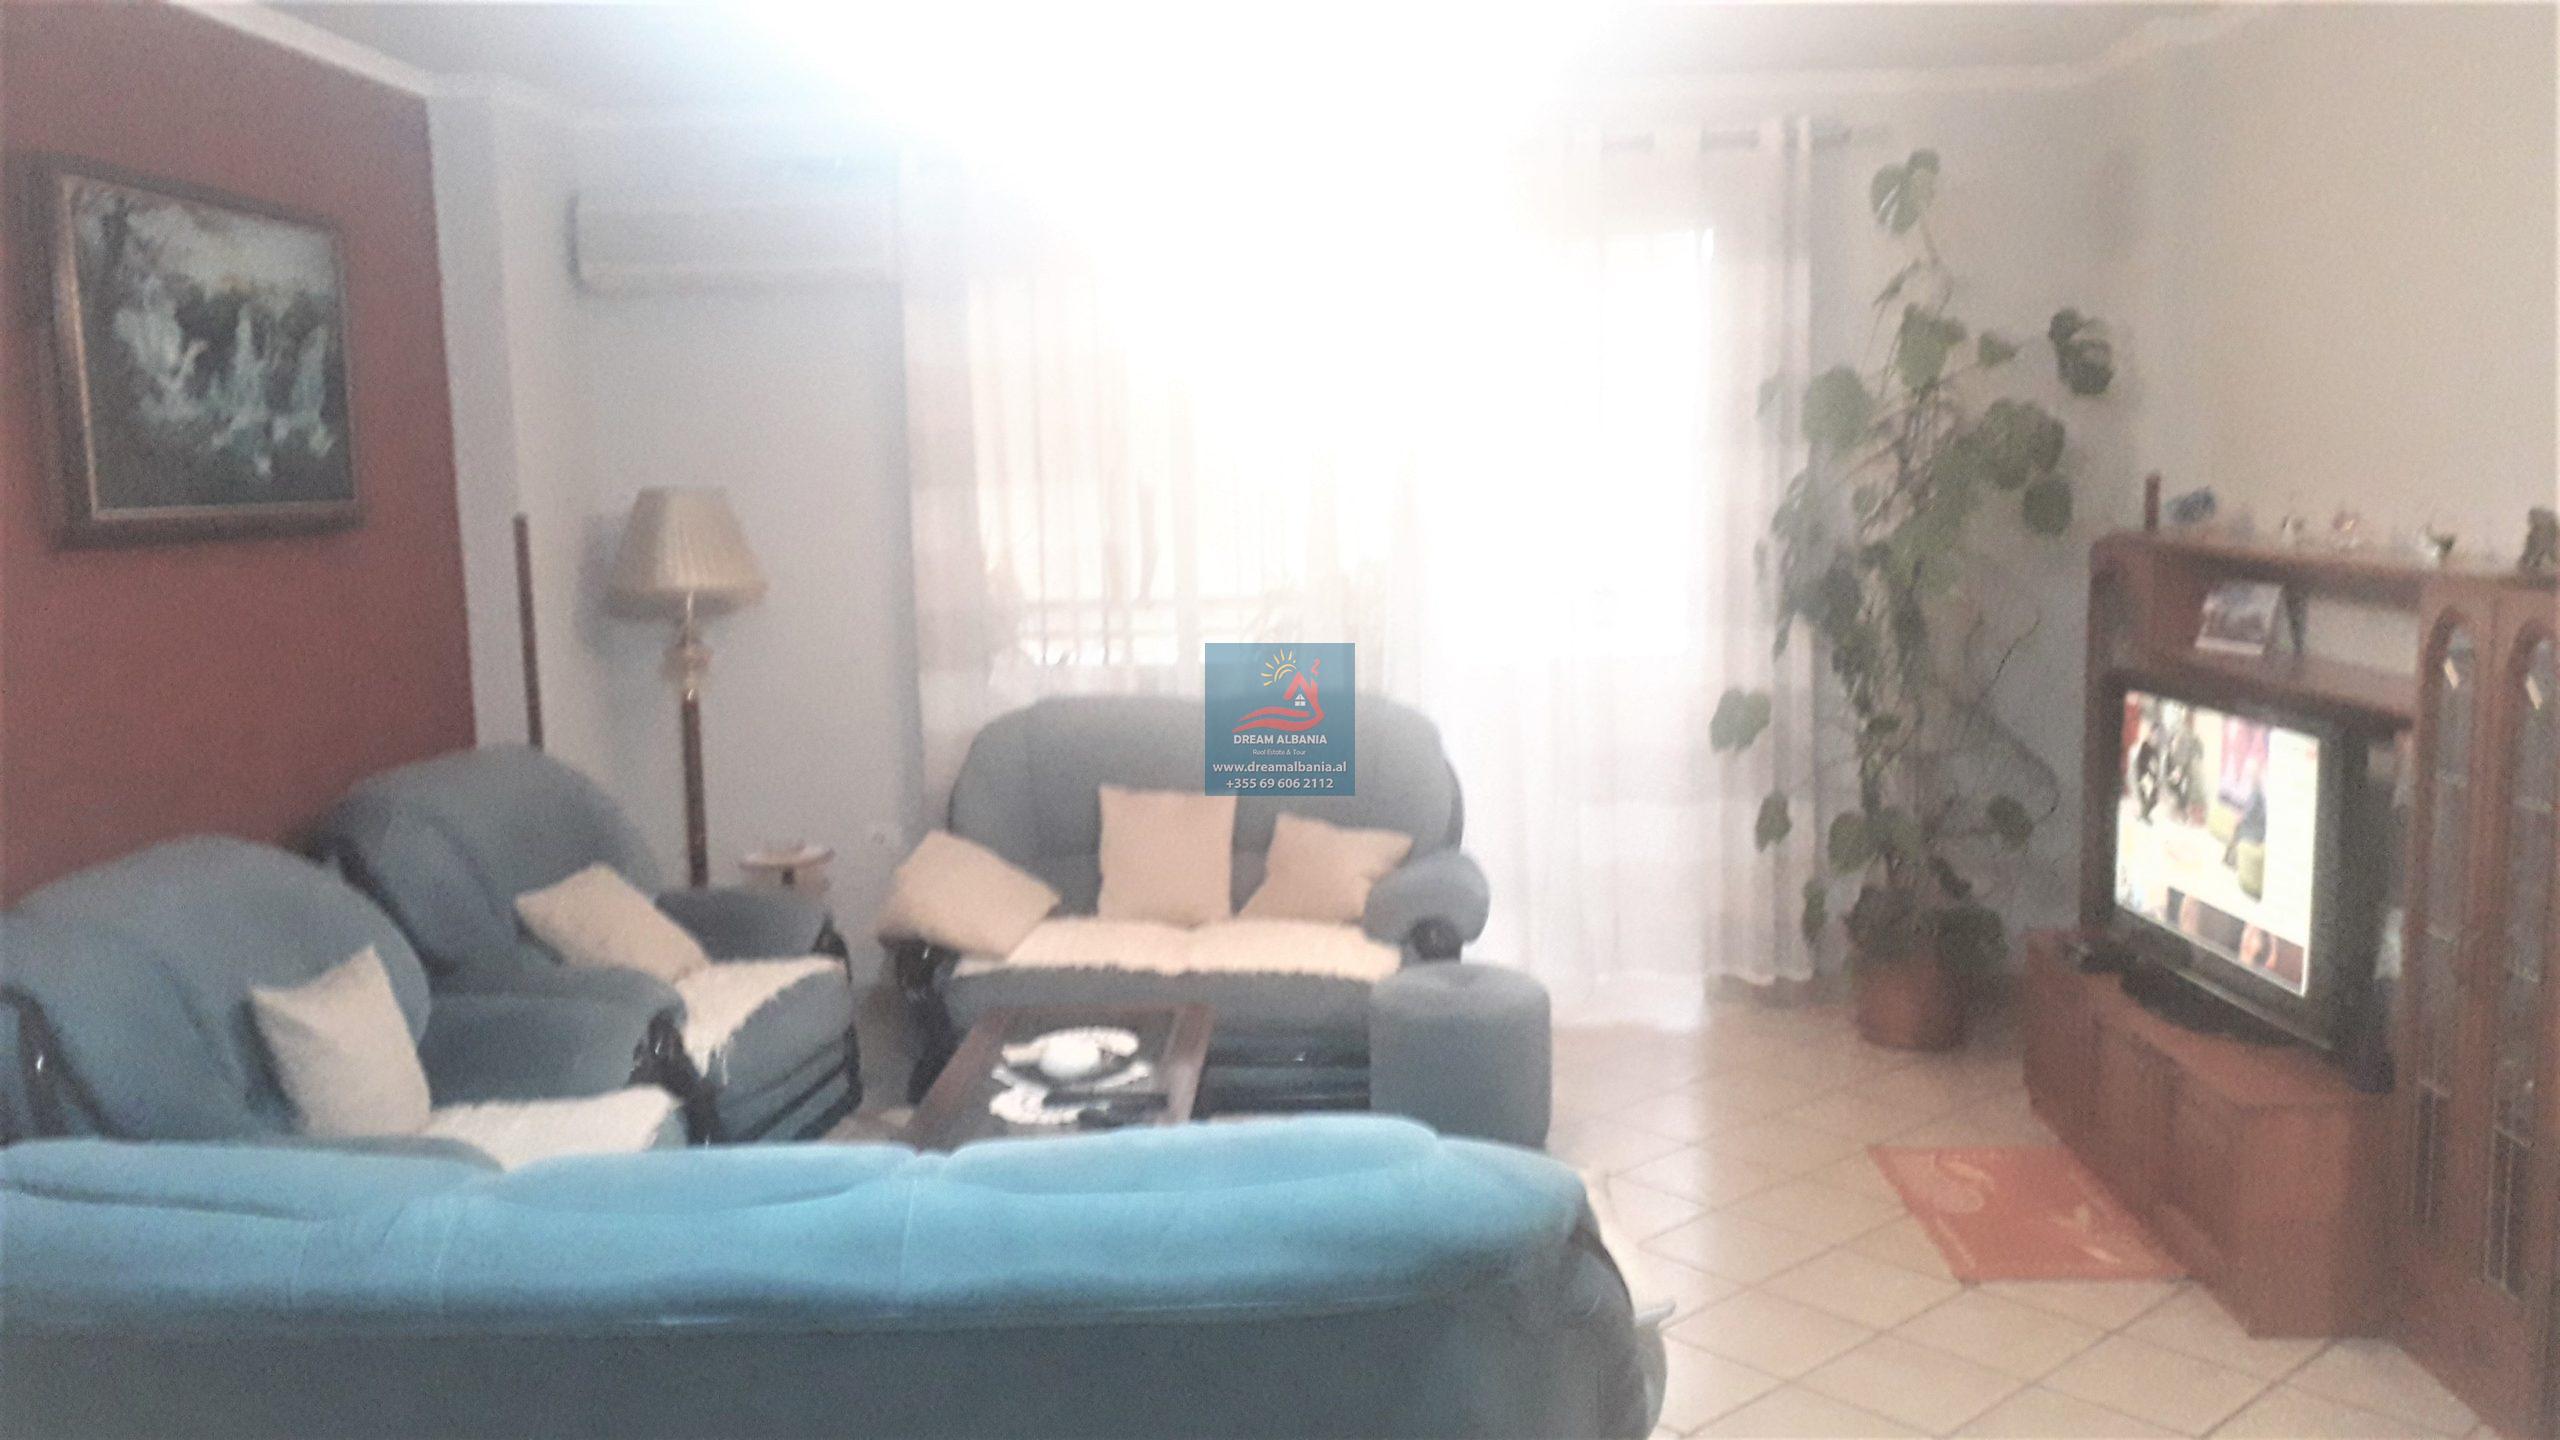 """Apartament 3+1 ne shitje Sheshi Willson, prane Gjimnazit """"Petro Nini Luarasi"""", ne Tirane (ID 4131087 )"""